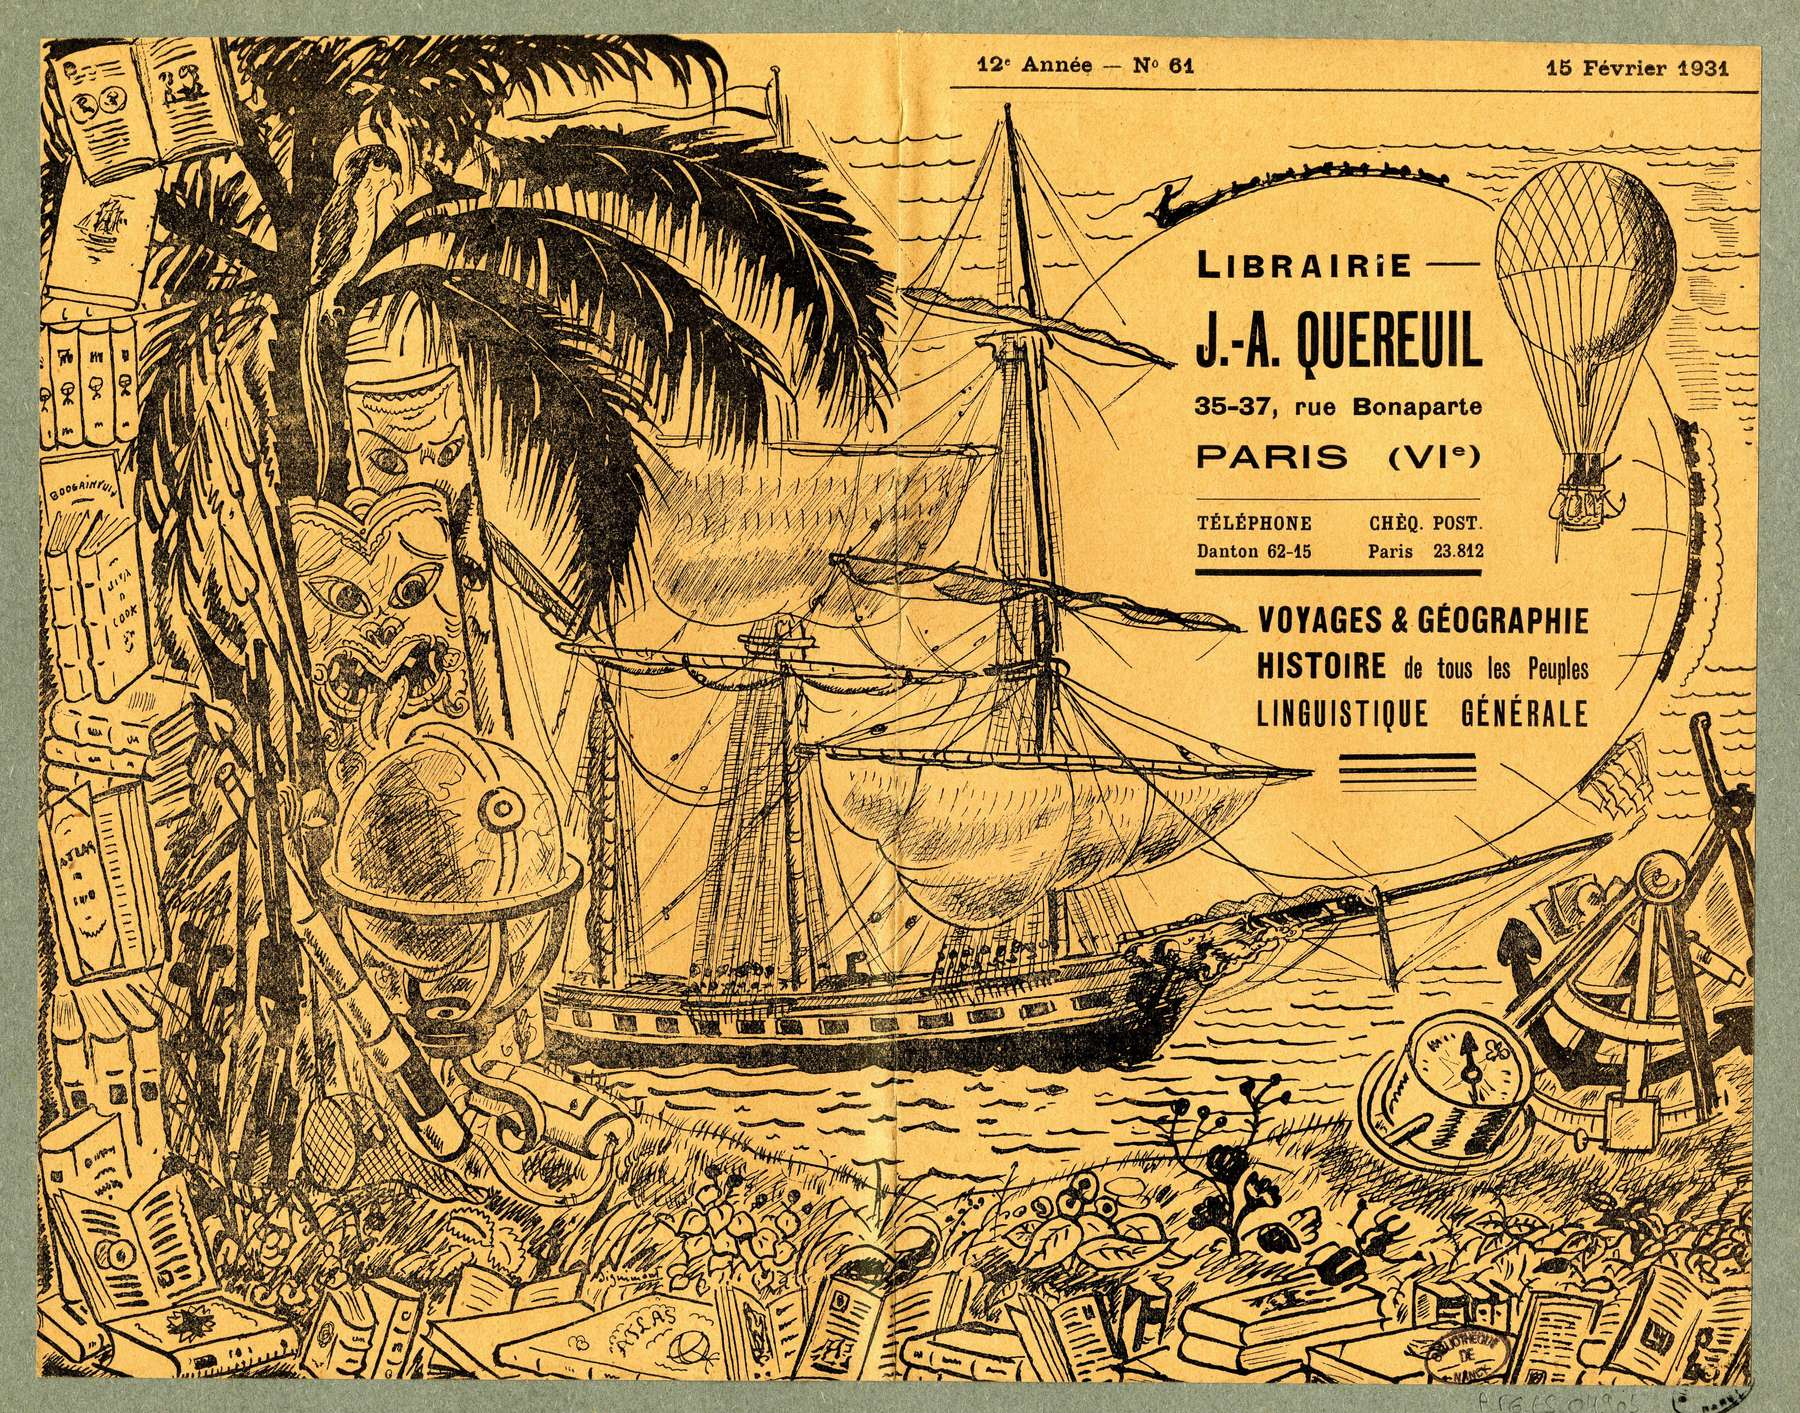 Contenu du Voyages & géographie. 12e année, No.61